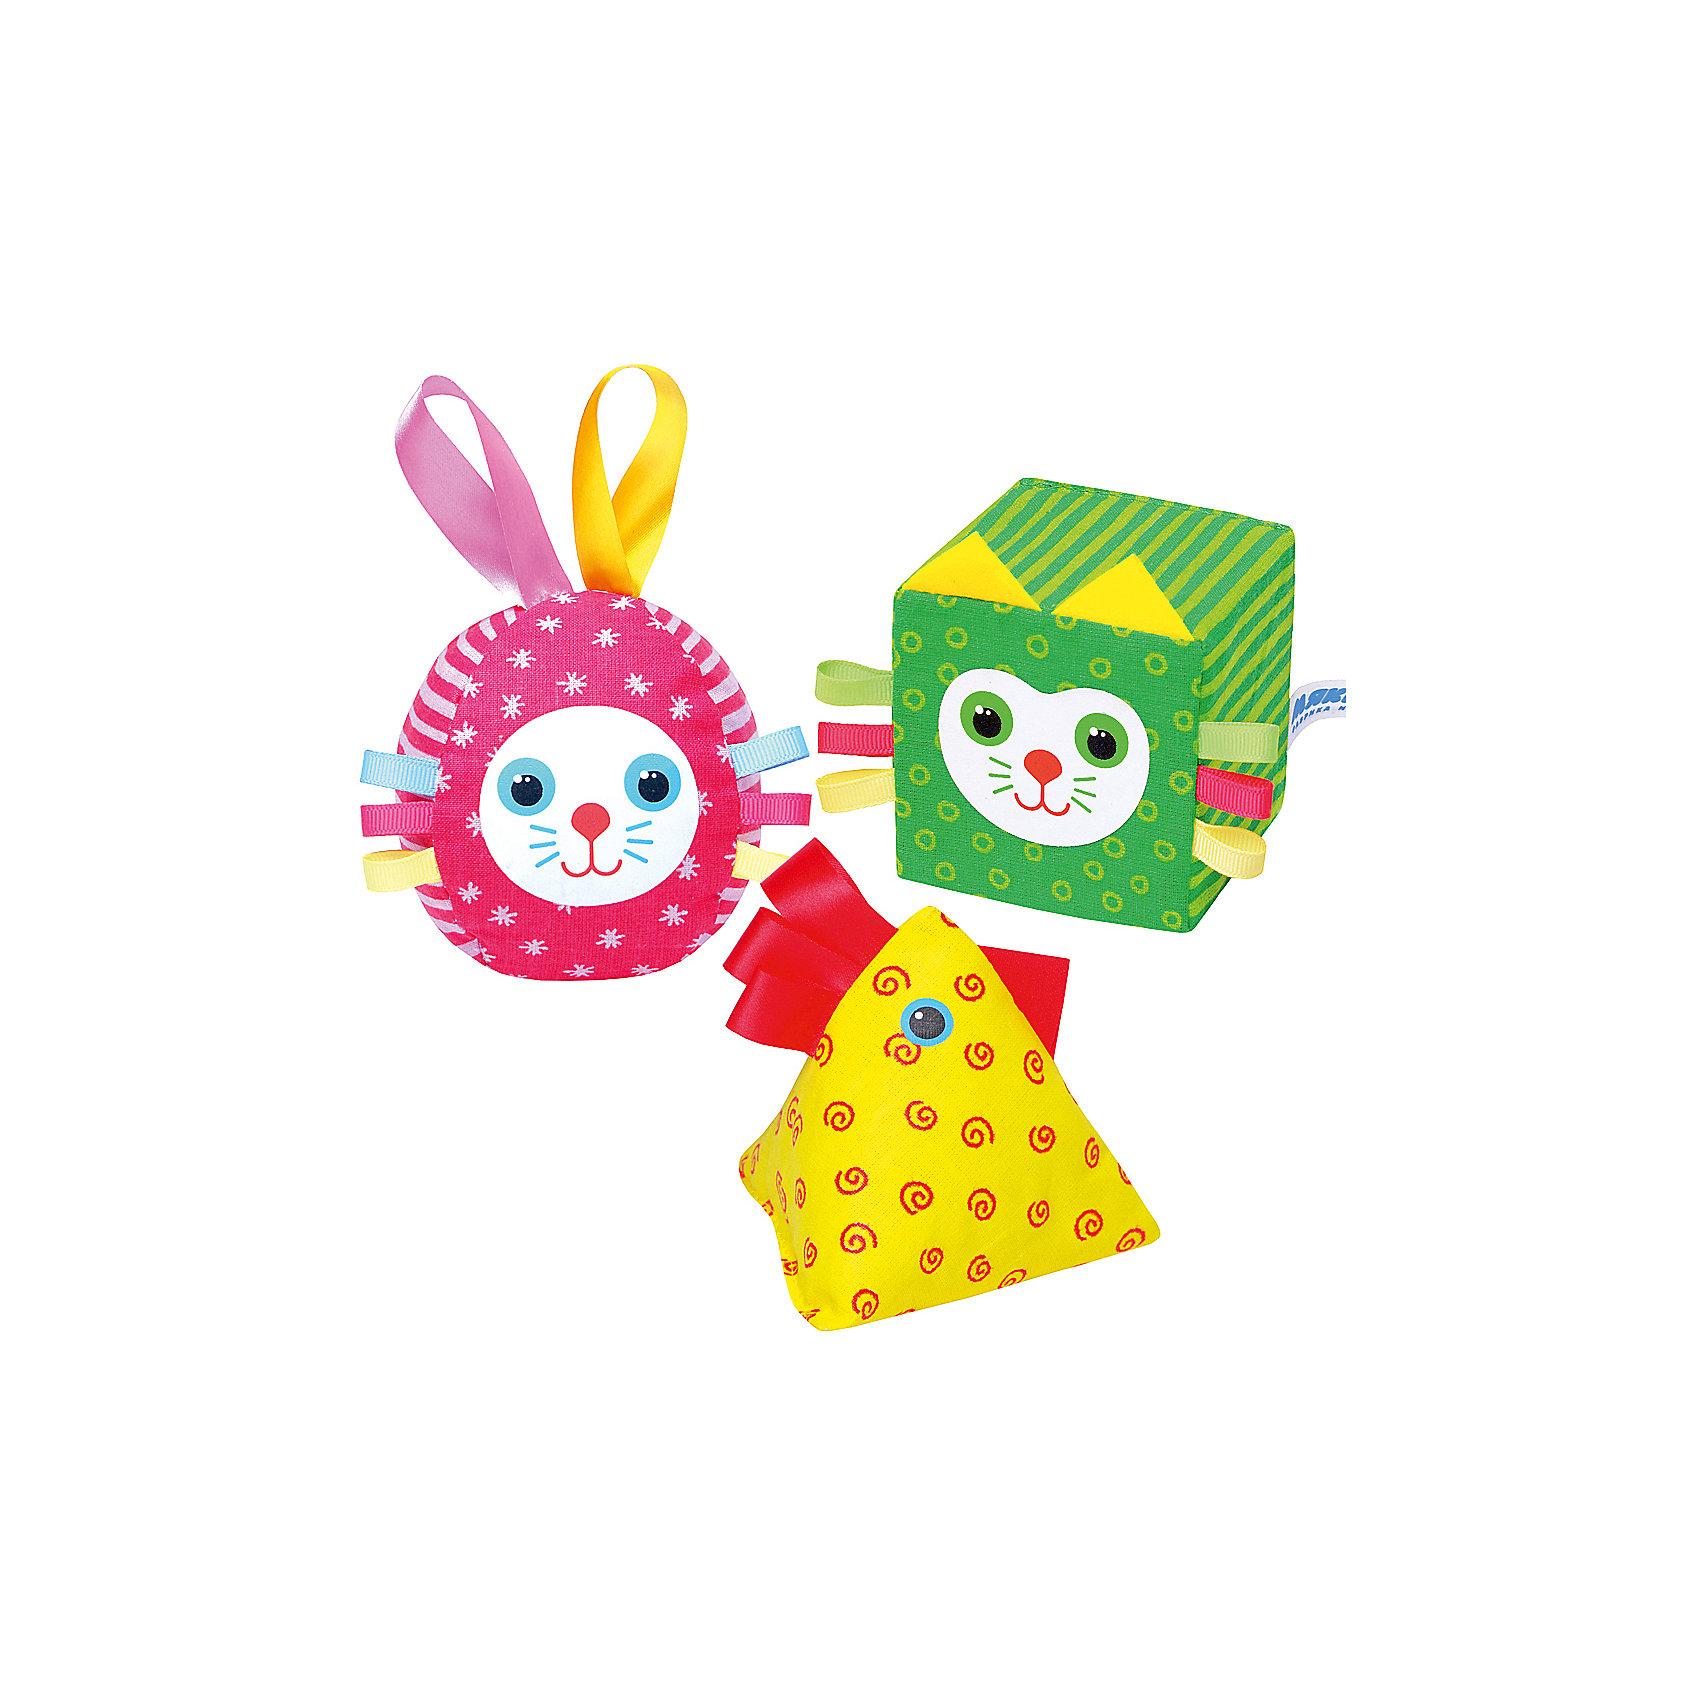 Яркий набор Веселая дидактика, МякишиХарактеристики товара:<br><br>• материал: хлопок, холлофайбер, поролон, гранулы<br>• комплектация: кубика, пирамидка, мяч<br>• размер игрушки: 7-10 см<br>• размер упаковки: 29х19х7 см<br>• развивающая игрушка<br>• упаковка: пакет<br>• страна бренда: РФ<br>• страна изготовитель: РФ<br><br>Малыши активно познают мир и тянутся к новой информации. Чтобы сделать процесс изучения окружающего пространства интереснее, ребенку можно подарить развивающие игрушки. В процессе игры информация усваивается намного лучше!<br>Такие кубики в виде животных помогут занять малыша, играть ими приятно и весело. Одновременно они позволят познакомиться со многими цветами, формами, фактурами и предметами, которые ребенку предстоит встретить. Такие игрушки развивают тактильные ощущения, моторику, цветовосприятие, логику, воображение, учат фокусировать внимание. Каждое изделие абсолютно безопасно – оно создано из качественной ткани с мягким наполнителем. Игрушки производятся из качественных и проверенных материалов, которые безопасны для детей.<br><br>Яркий набор Веселая дидактика от бренда Мякиши можно купить в нашем интернет-магазине.<br><br>Ширина мм: 290<br>Глубина мм: 185<br>Высота мм: 70<br>Вес г: 120<br>Возраст от месяцев: 12<br>Возраст до месяцев: 36<br>Пол: Унисекс<br>Возраст: Детский<br>SKU: 5183181